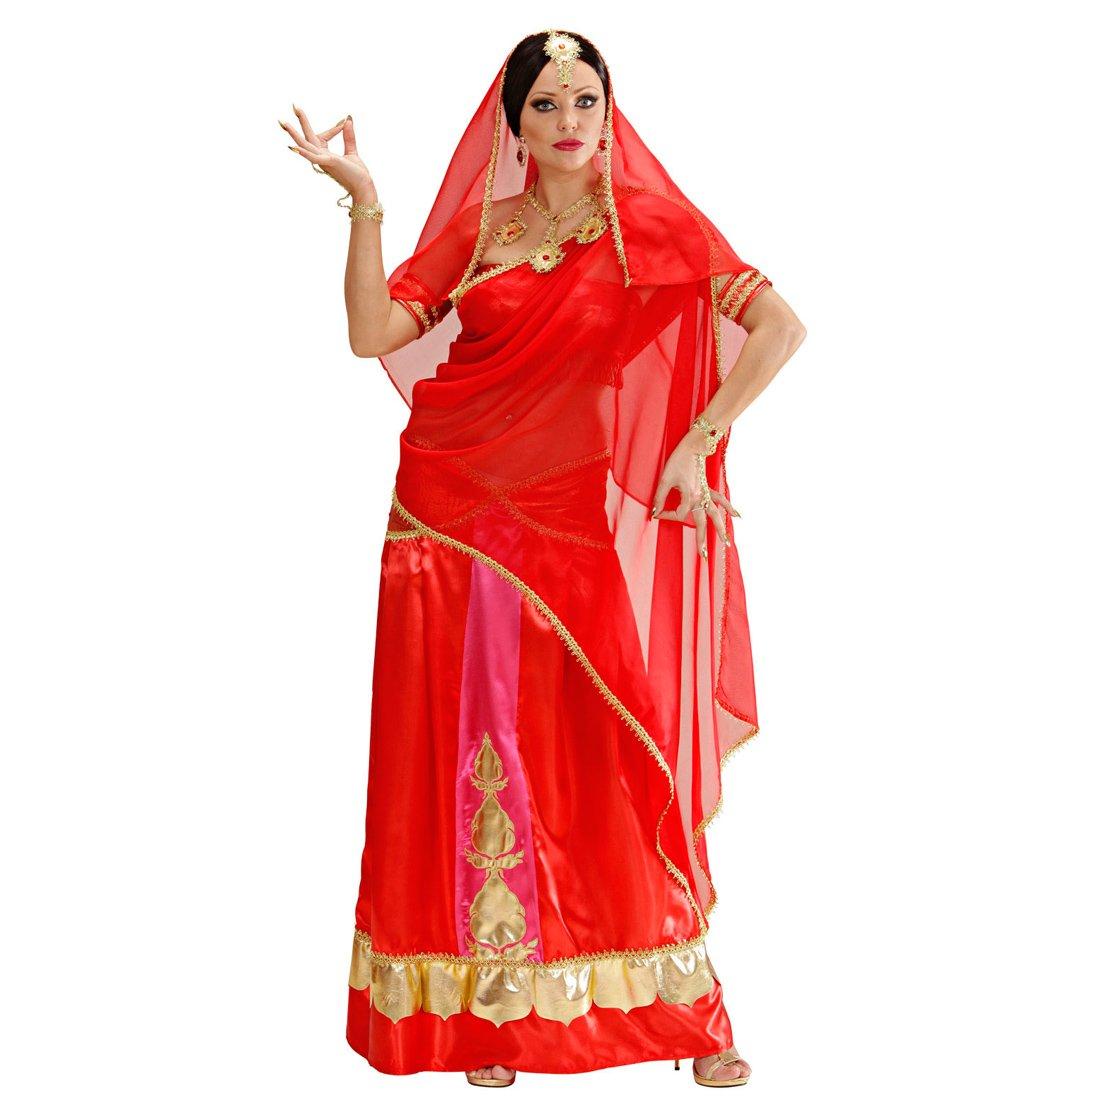 Amakando Sari Damenkostüm - L (42/44) - Inderin Kleid 1001 Nacht Gewand Indische Kleider Orient Orientalische Kleidung Damen Bollywood Kostüm